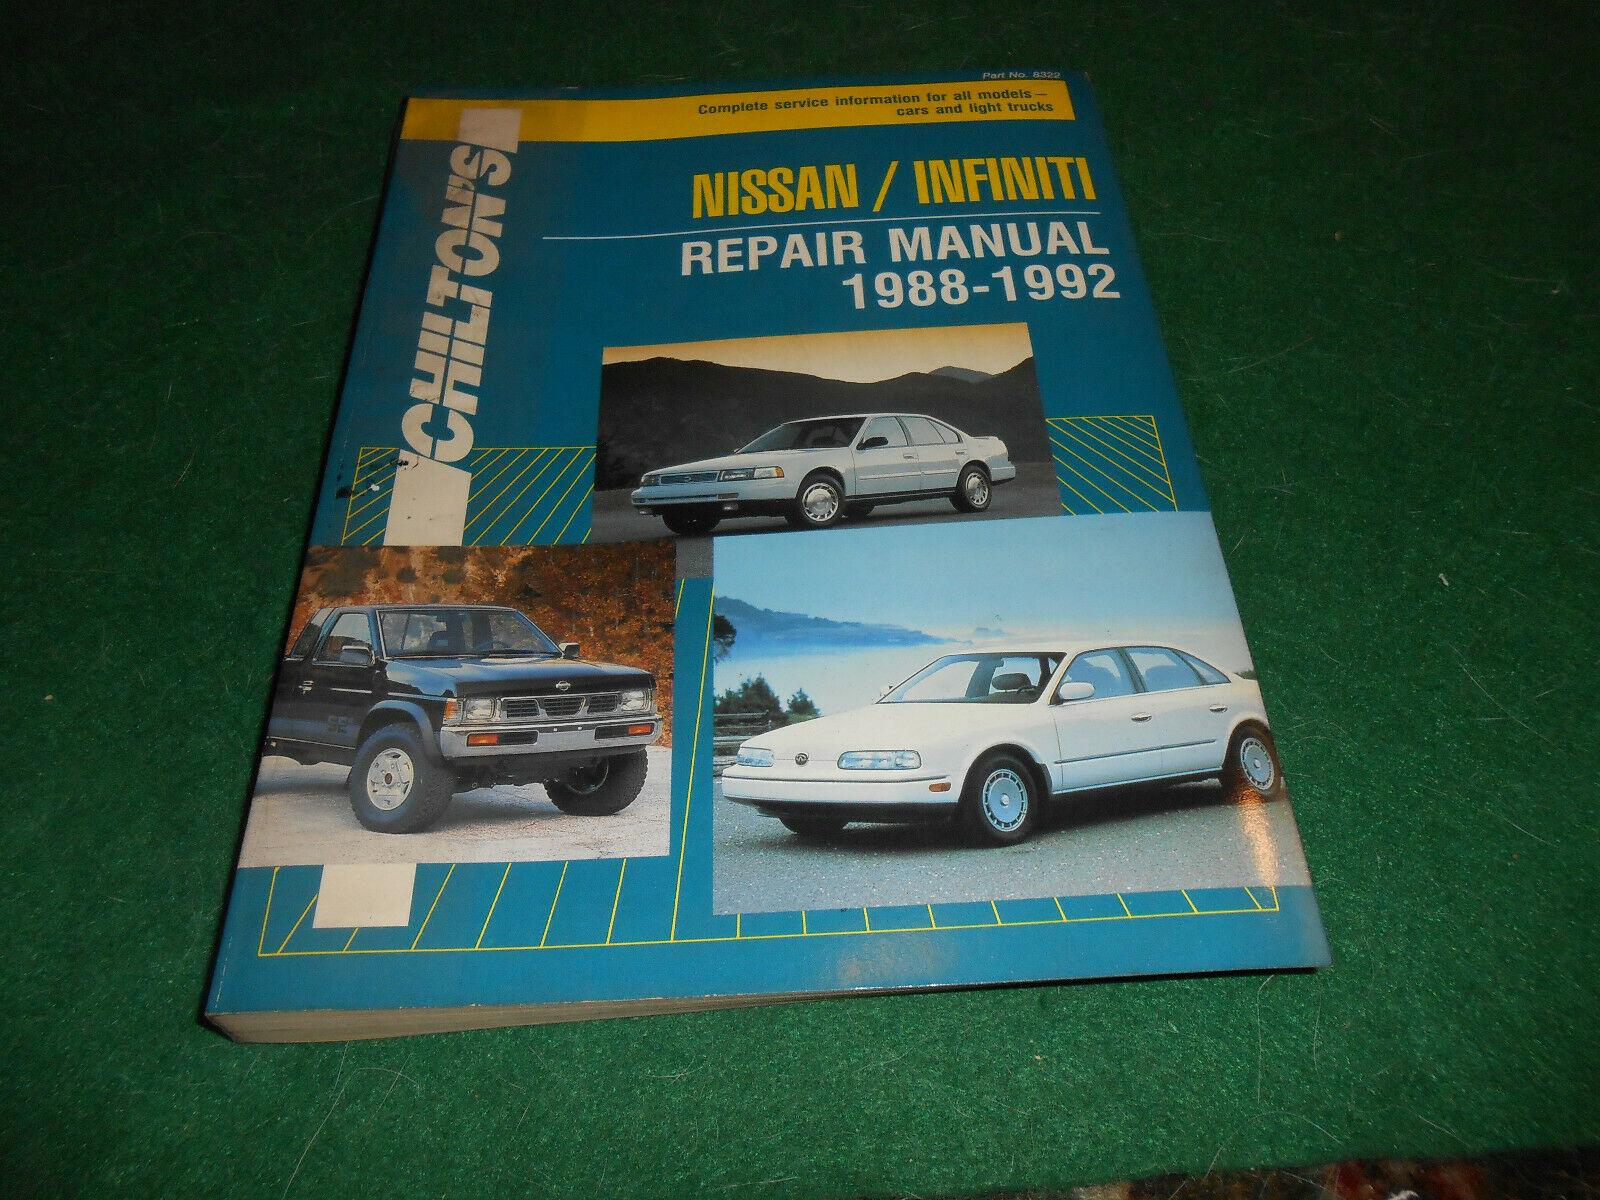 Nissan-Infiniti Repair Manual, 1988-92